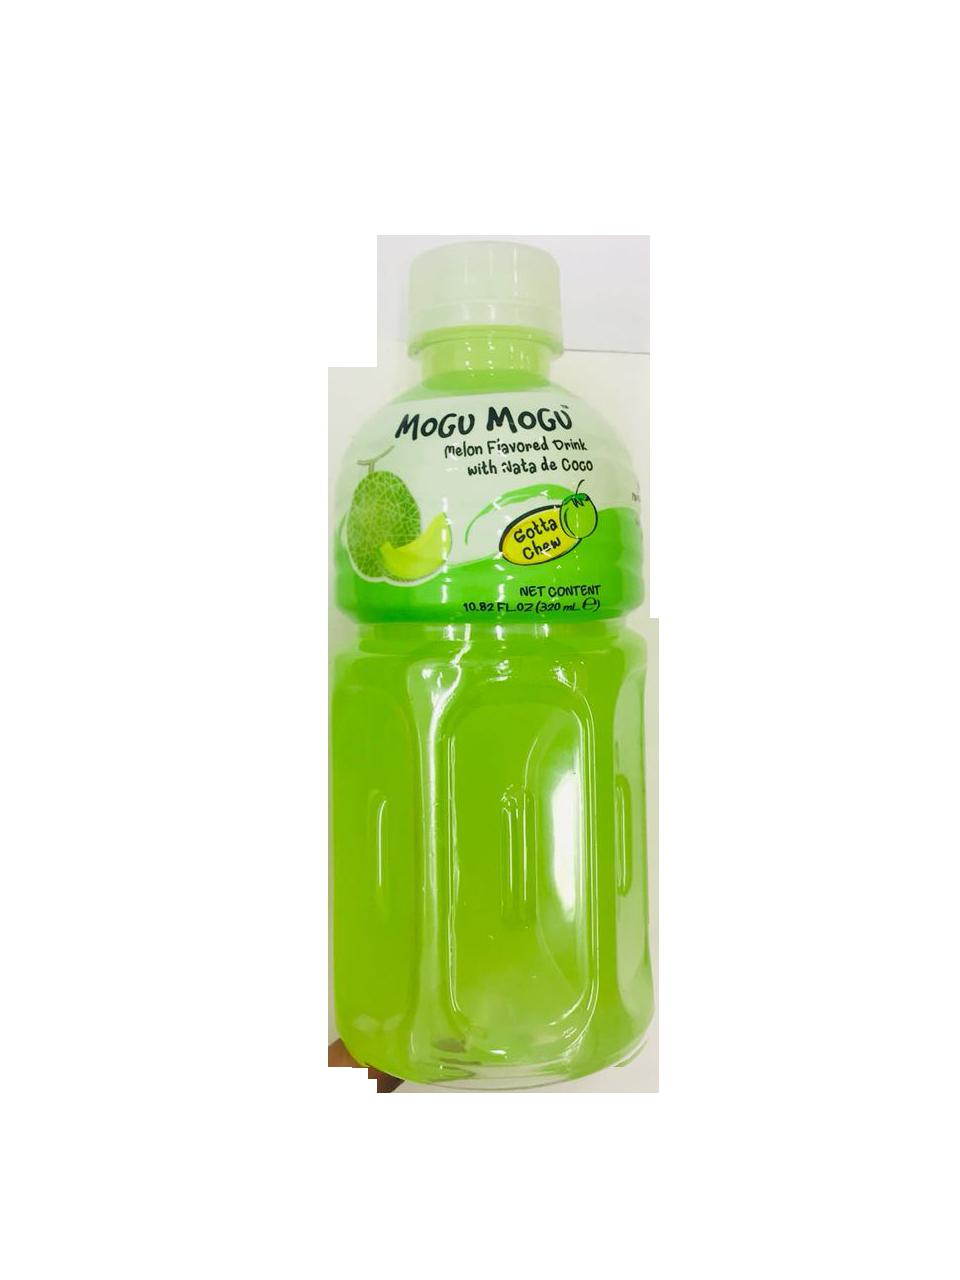 Mogu Mogu Melon Flavored Drink with Nata De Coco 320ml